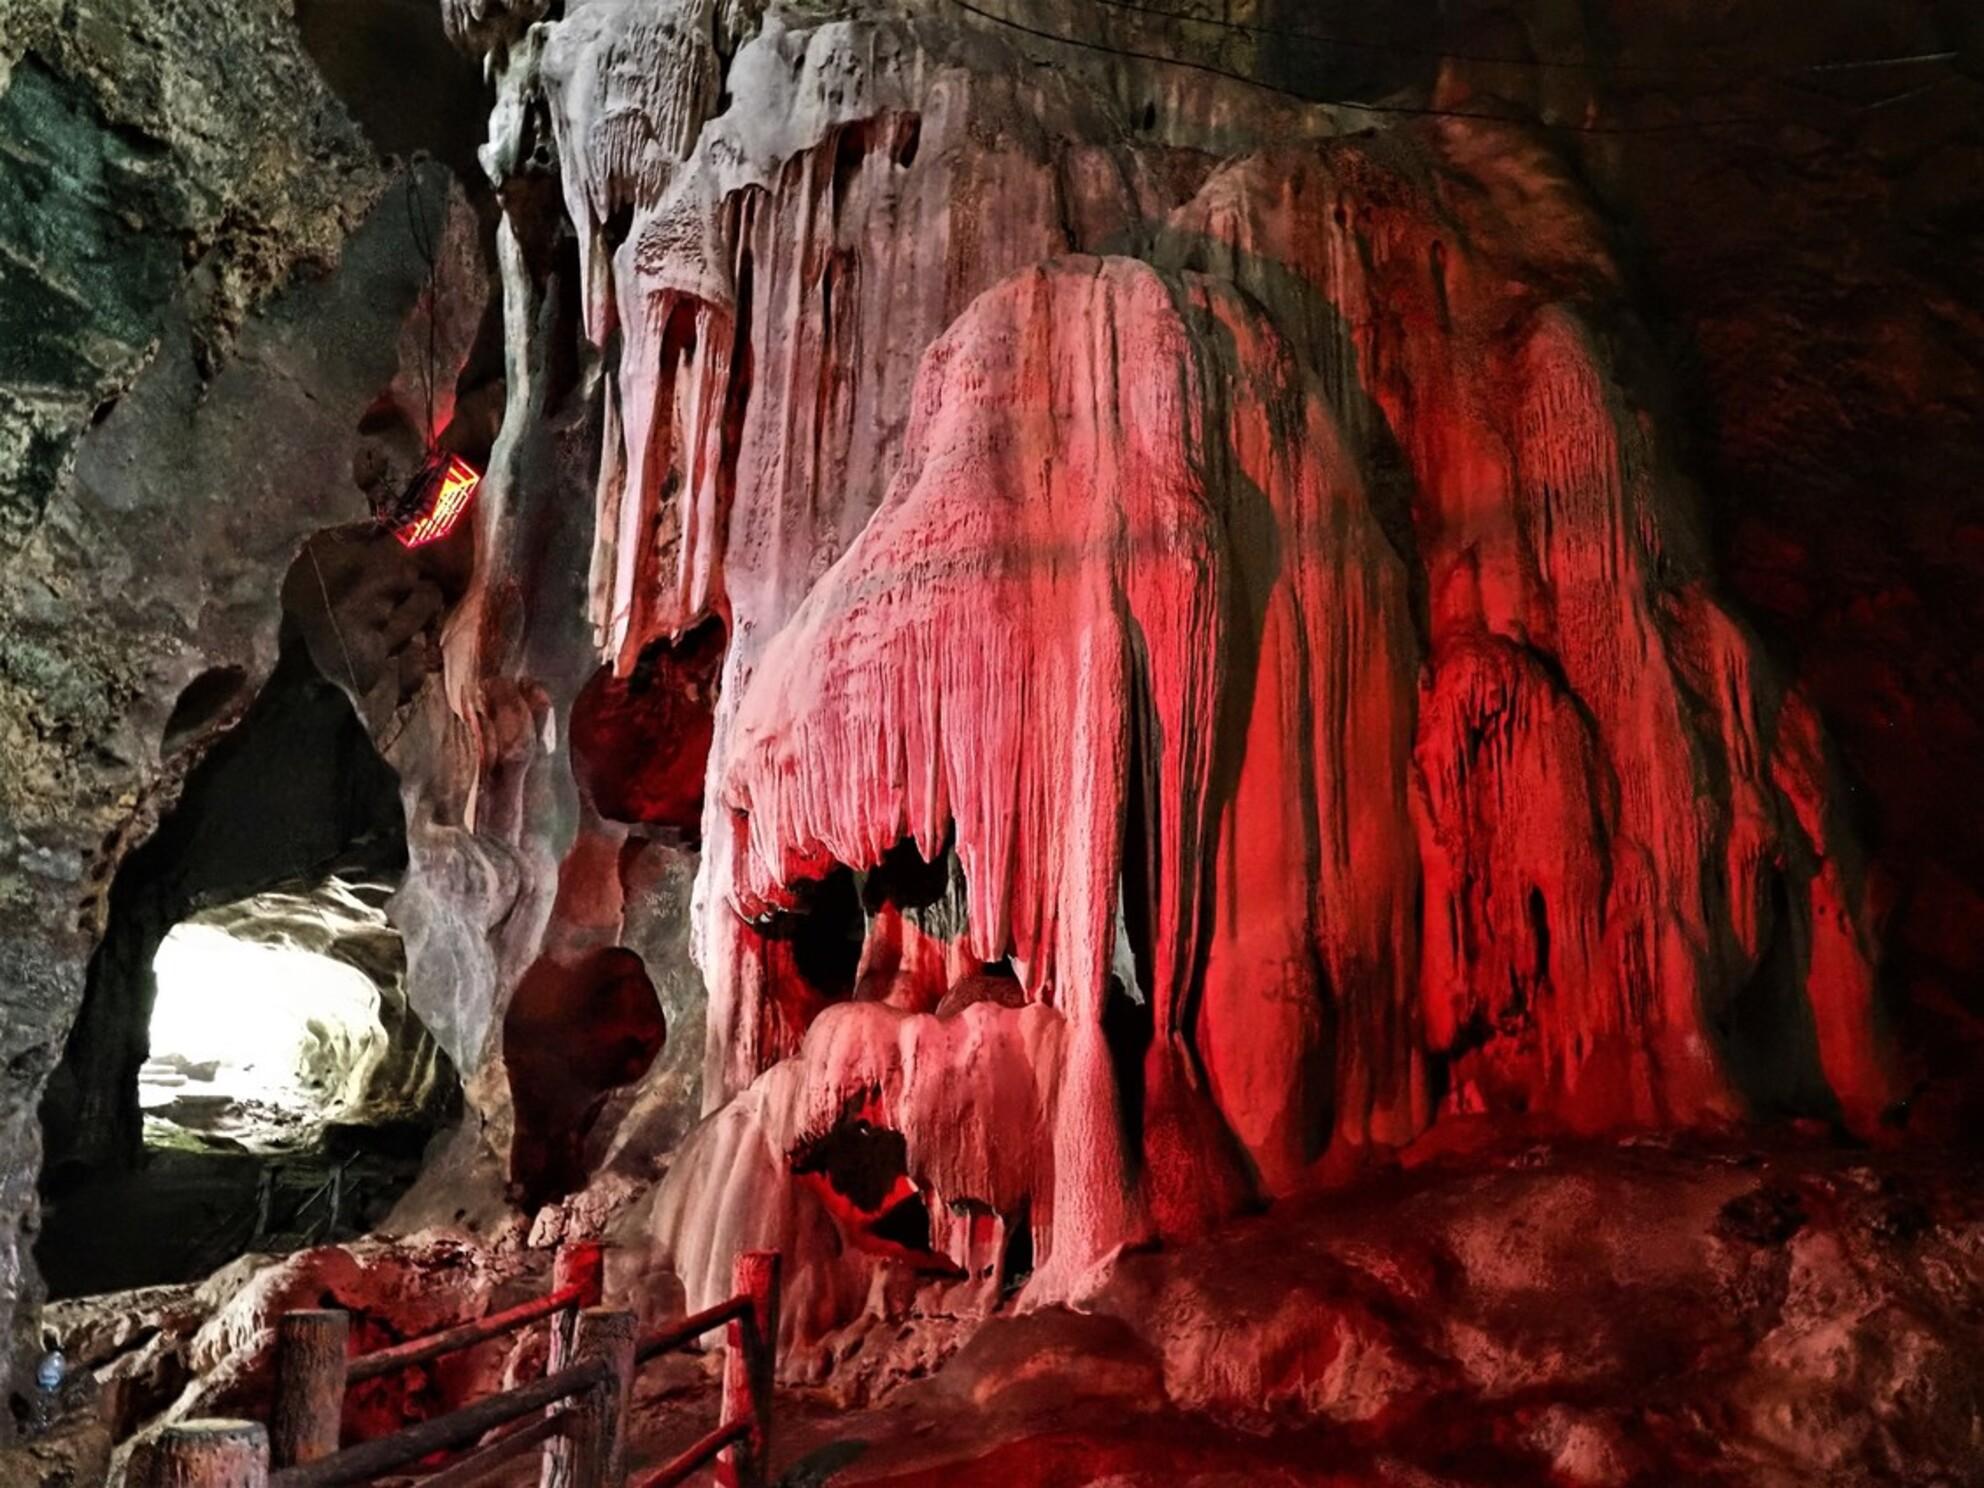 Mijn Reizen - Hier een beter  zicht van deze grotten met   gekleurd licht   het is nu een toeristische gebeuren .    Bedankt voor de reacties   Groeten    Ed - foto door Stumpf op 05-03-2021 - Deze foto mag gebruikt worden in een Zoom.nl publicatie